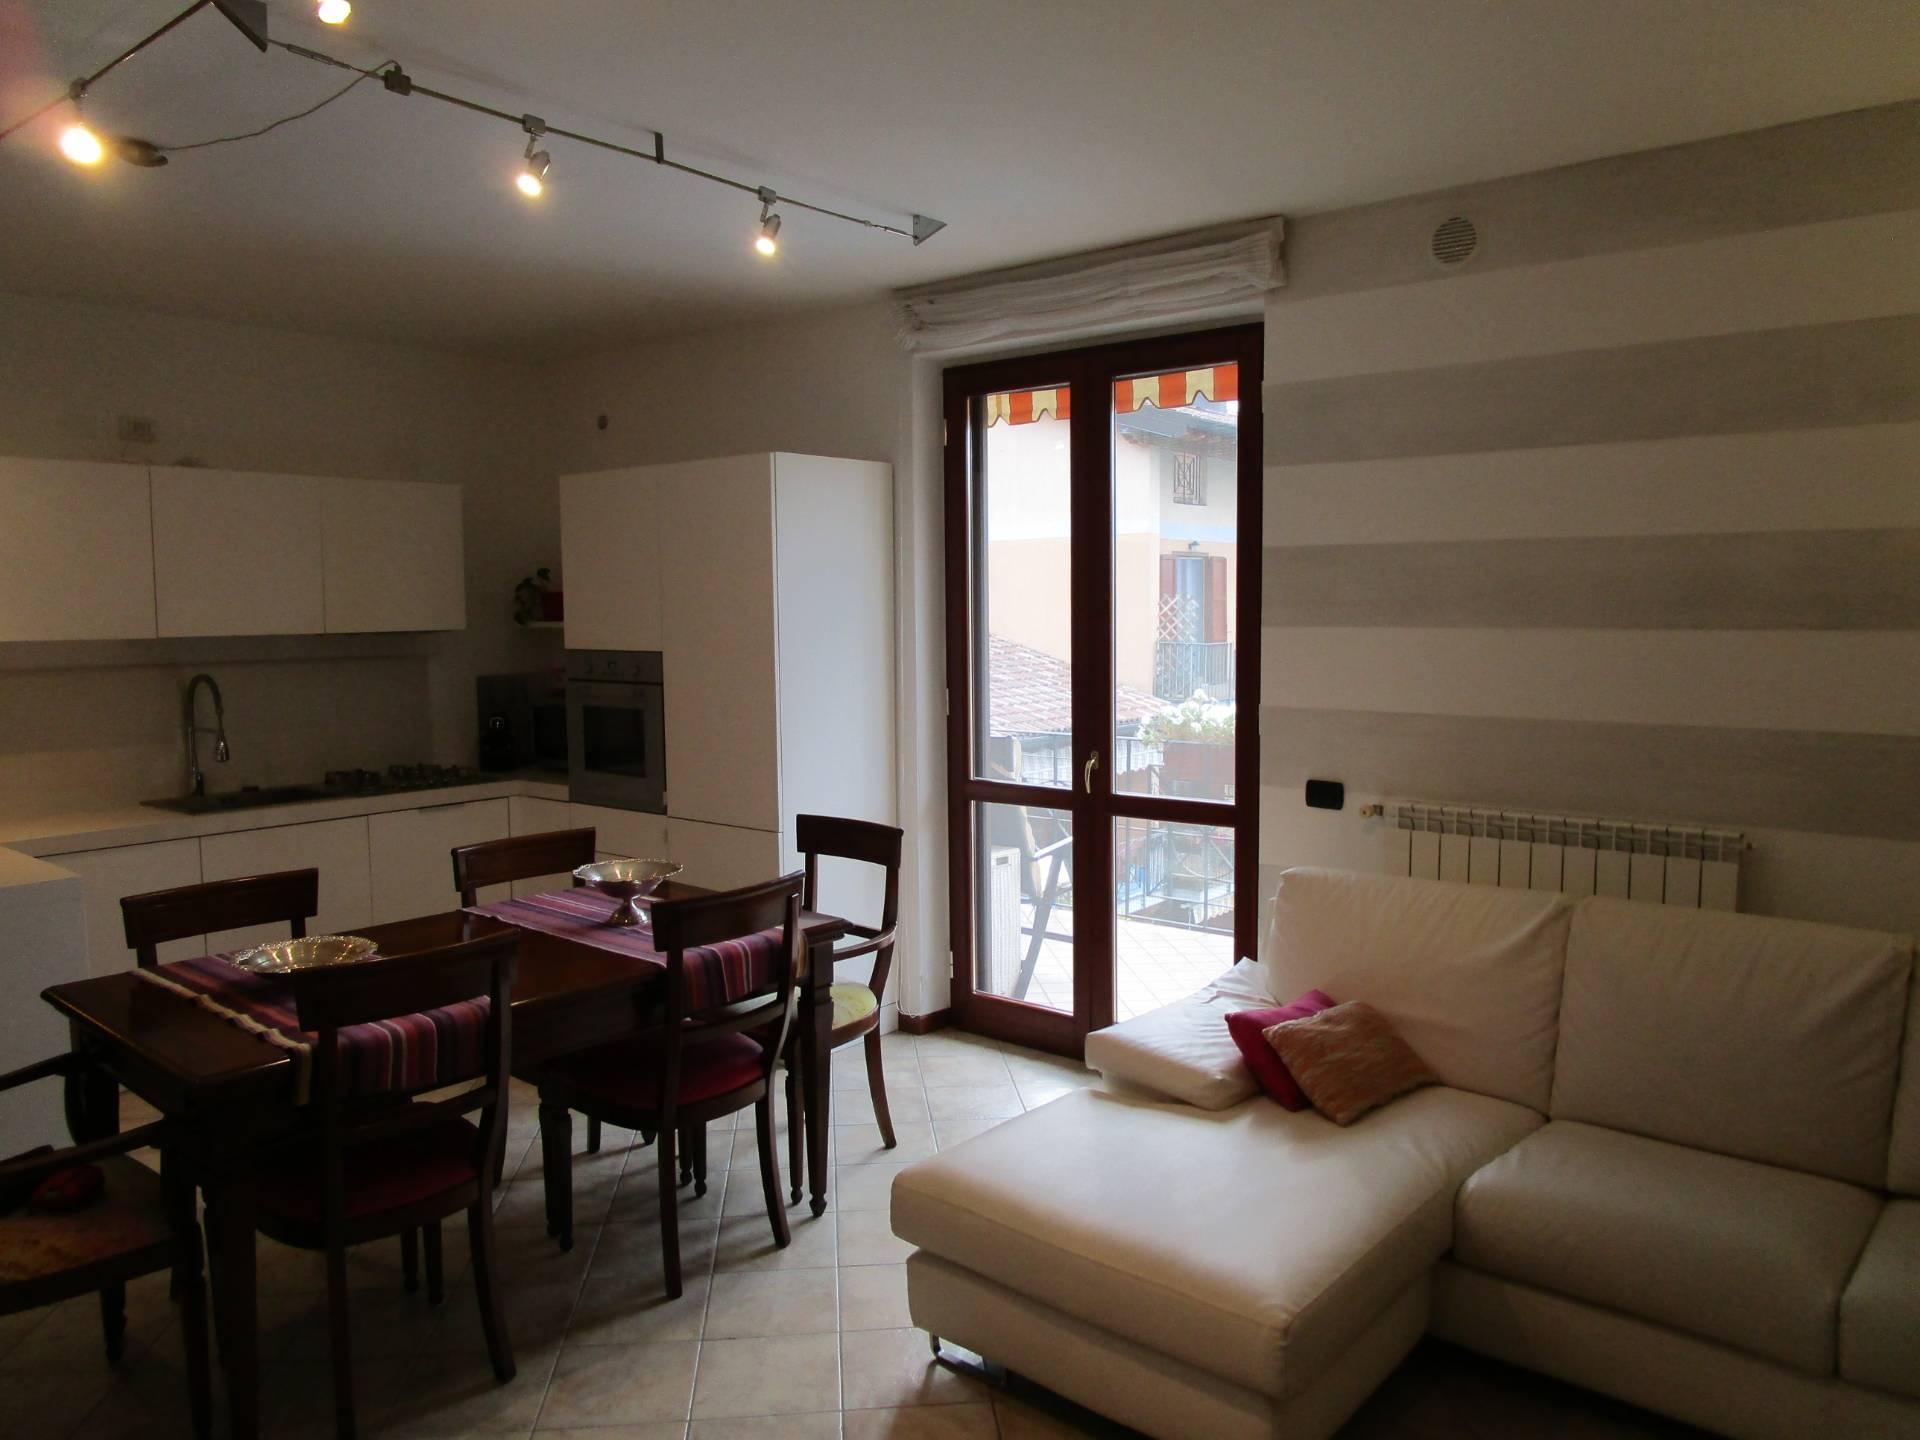 Appartamento in vendita a Castiglione delle Stiviere, 3 locali, prezzo € 125.000 | CambioCasa.it